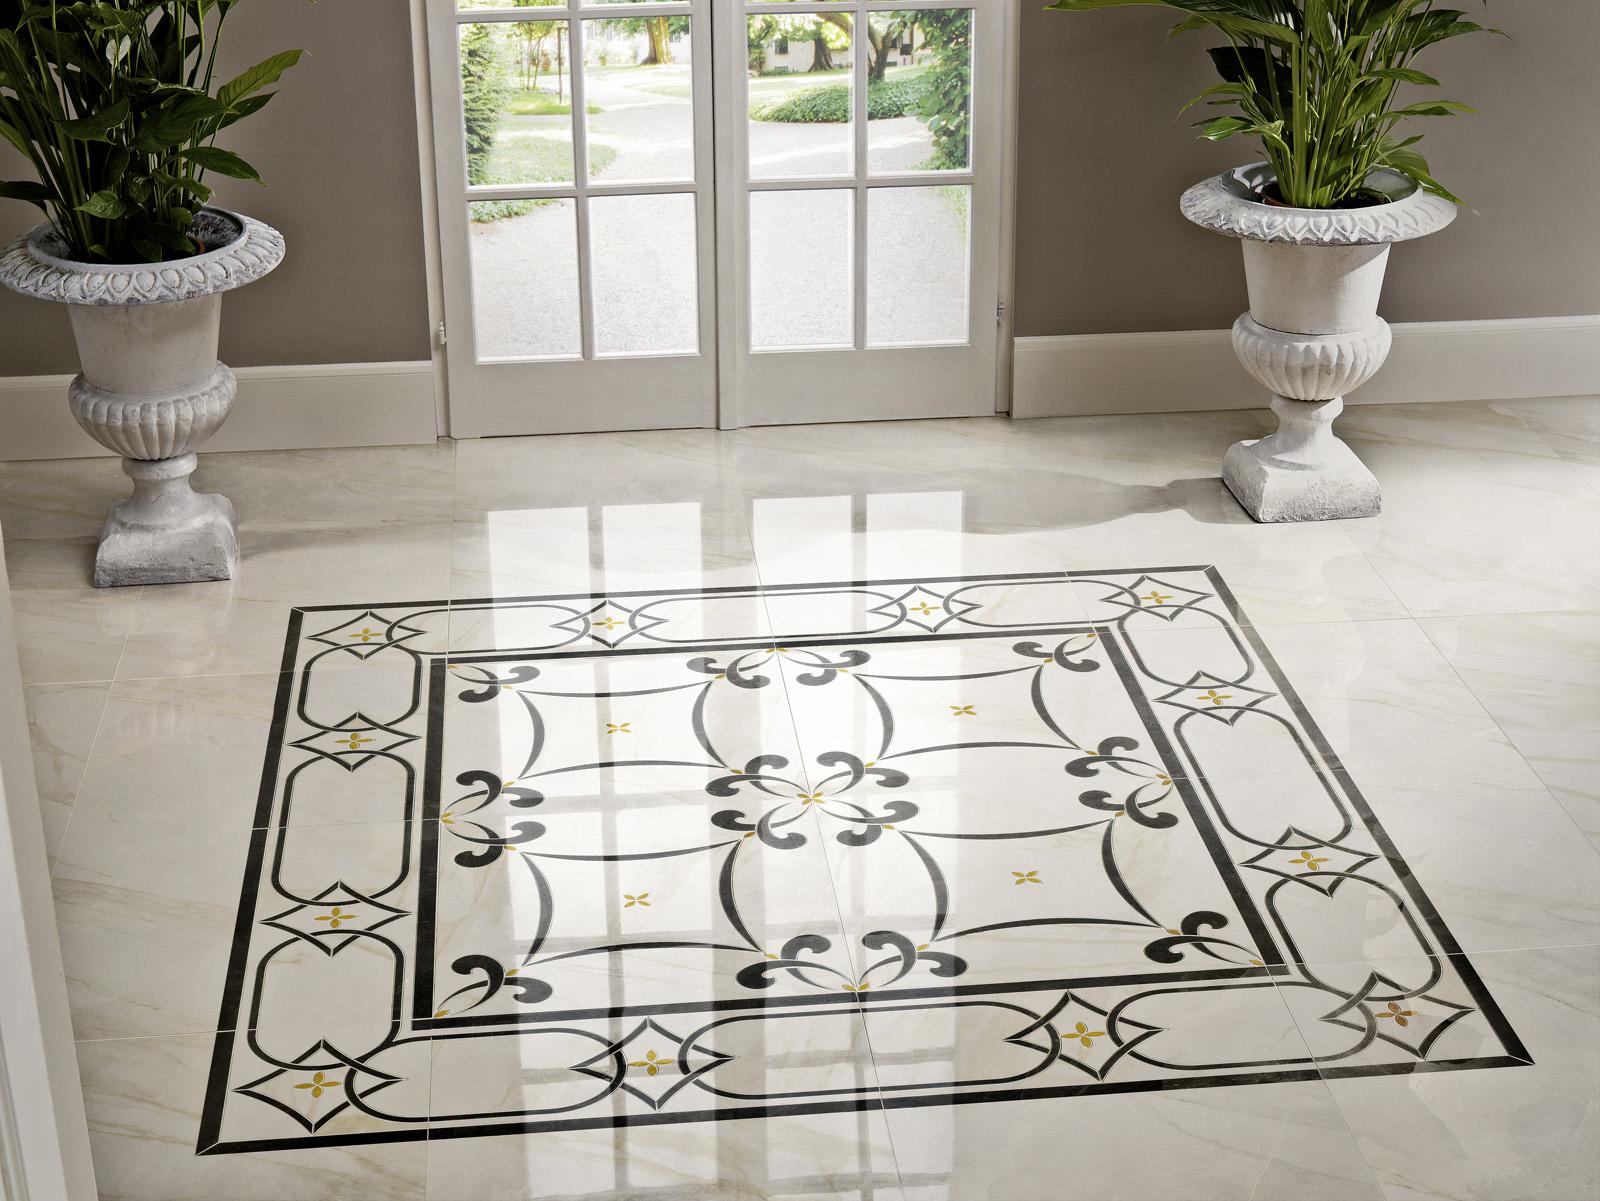 Crema marfil marble floors